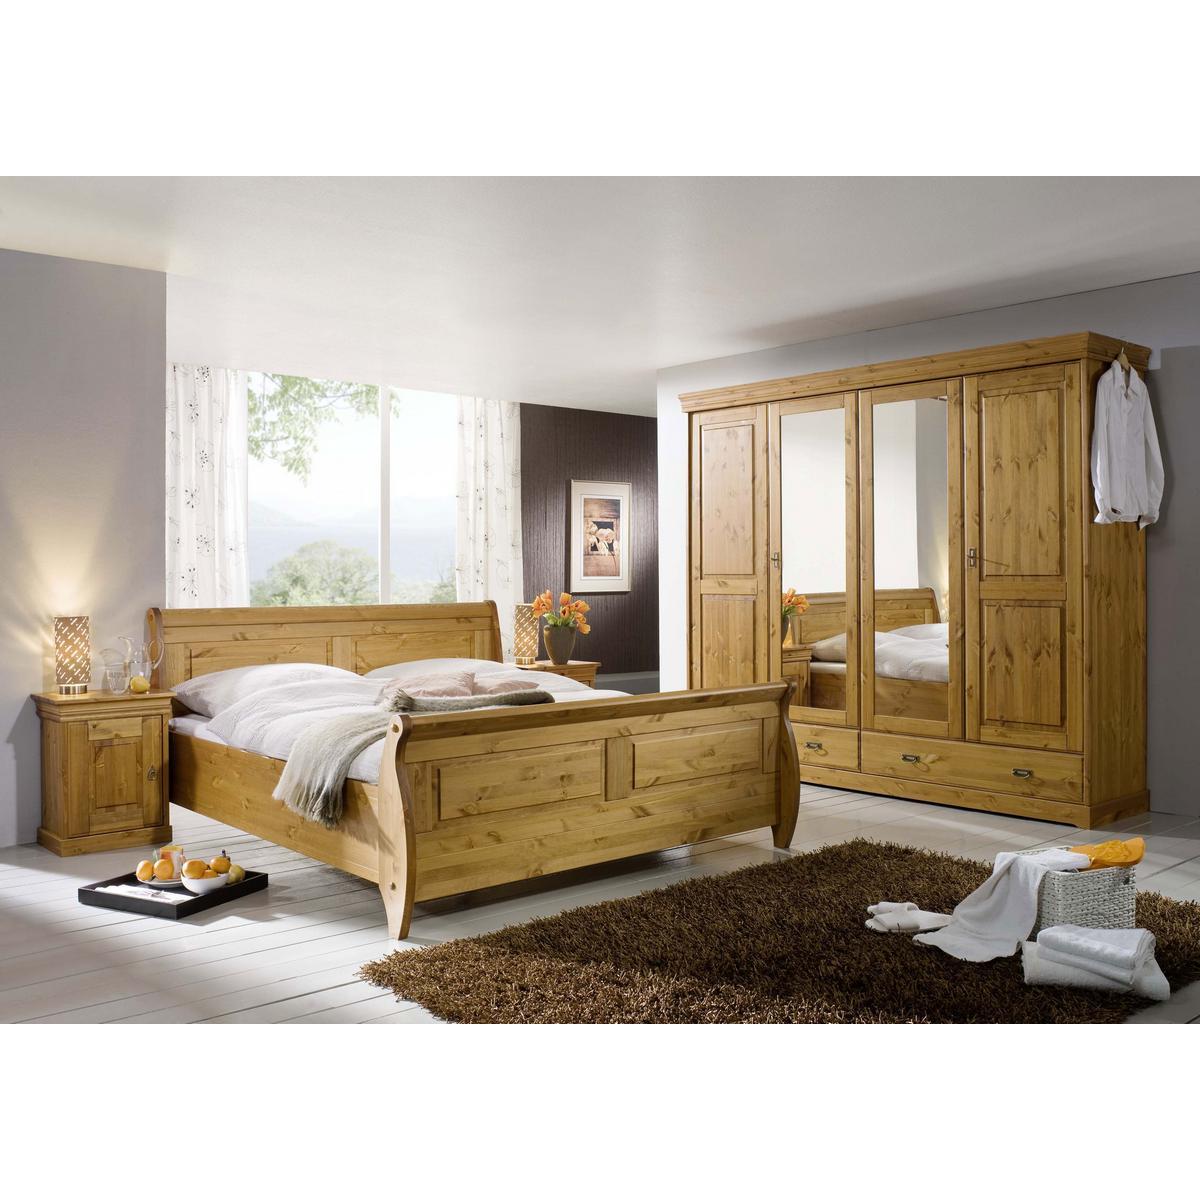 20170111072146 schlafzimmer komplett massivholz erle ~ easinext